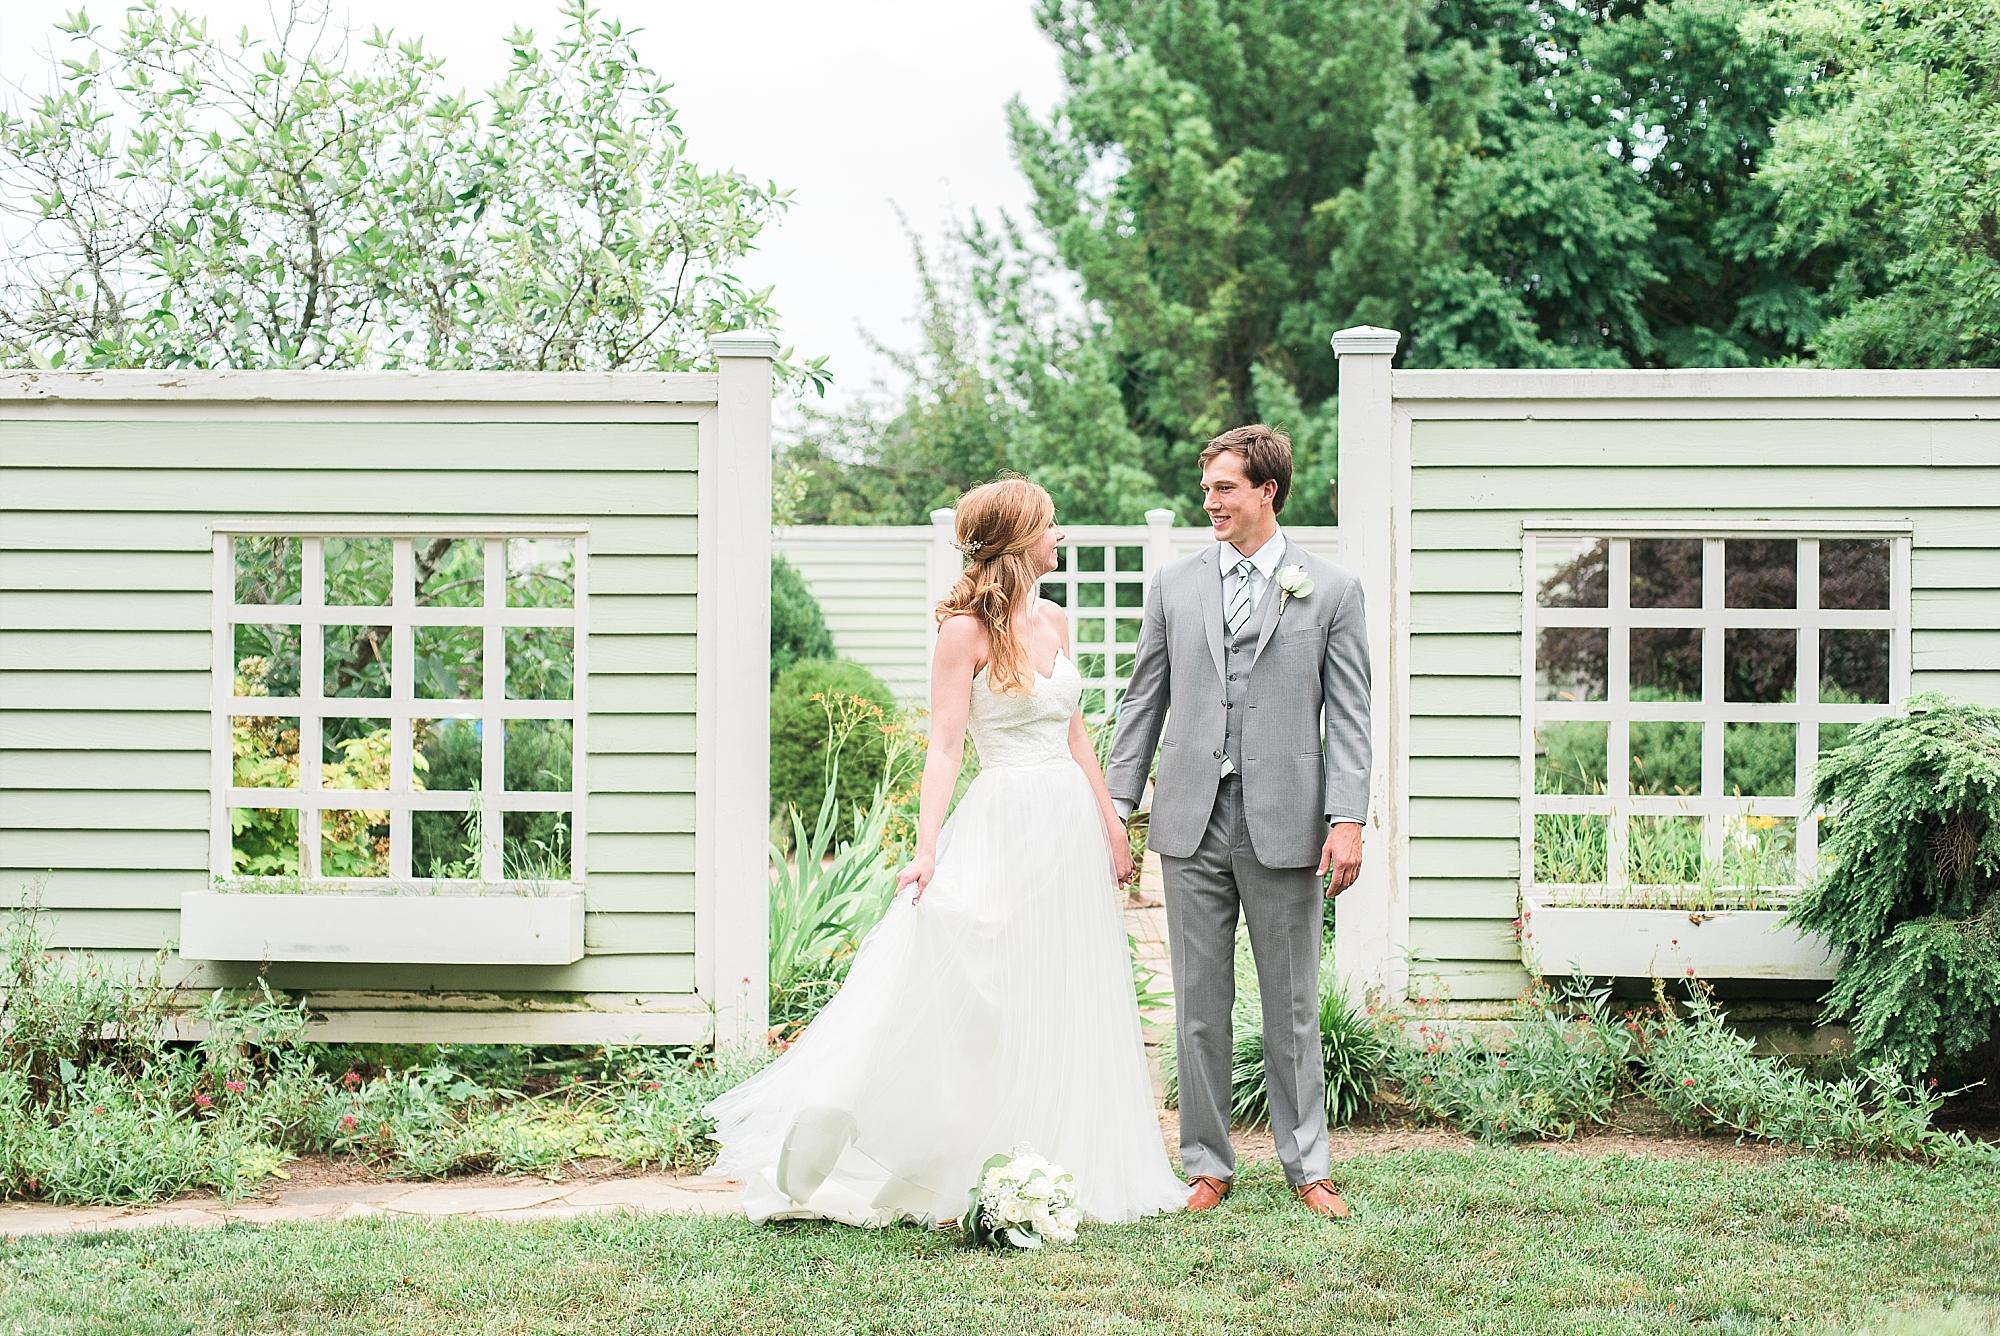 wedding-uk-arboretum